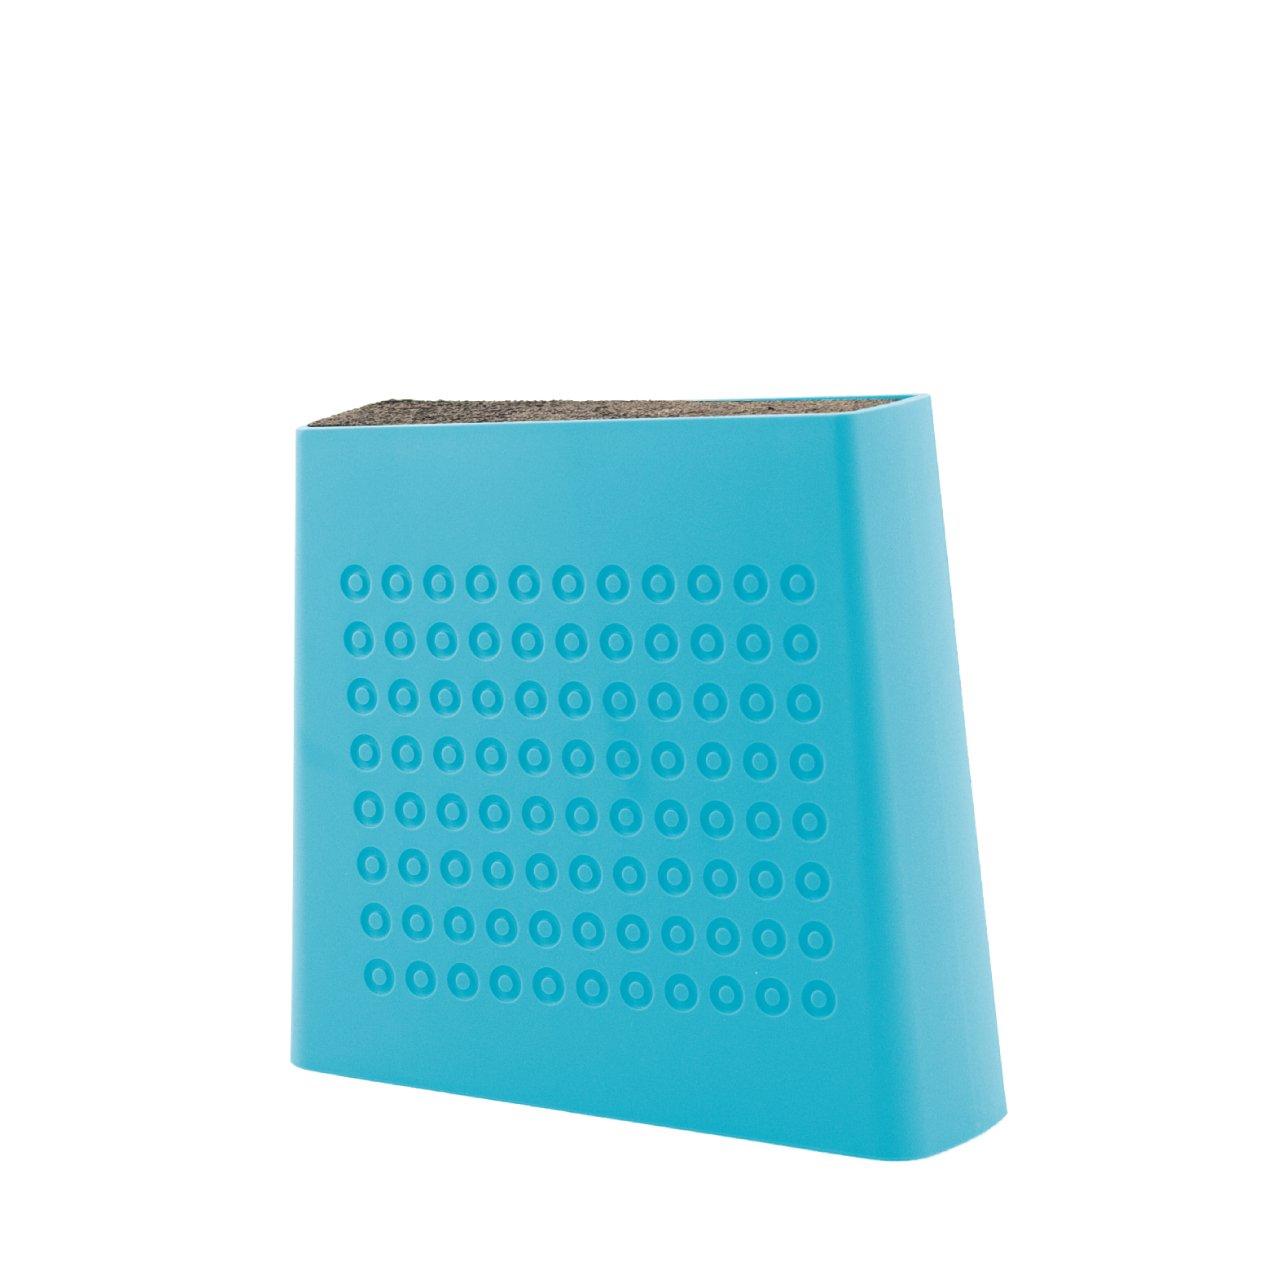 Kapoosh Urban Universal Knife Block- Aqua Blue by Kapoosh